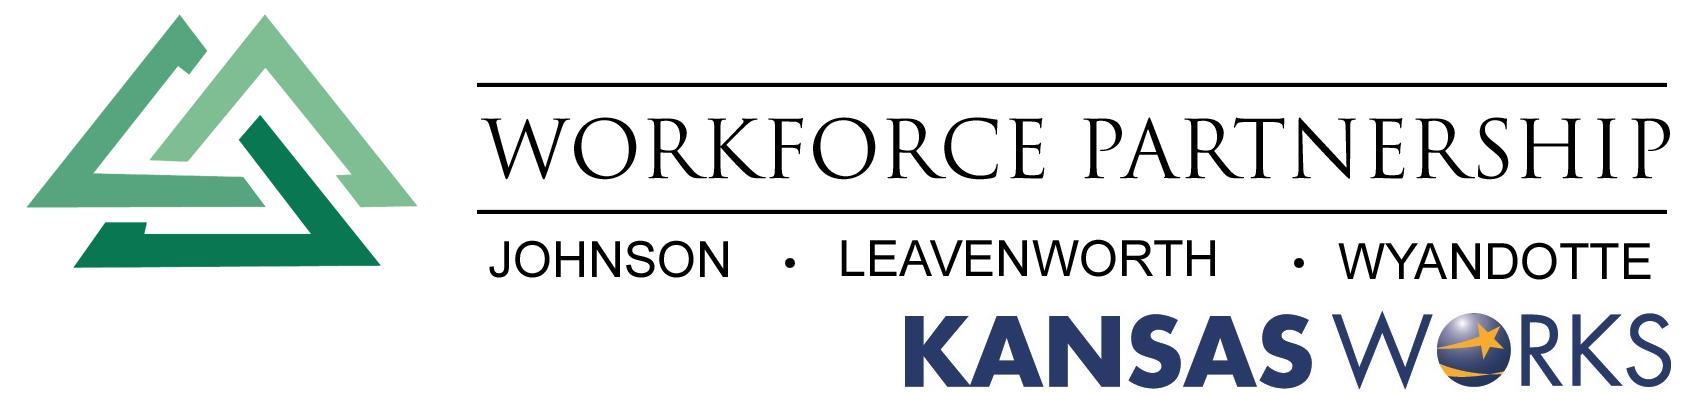 Workforce Partnership